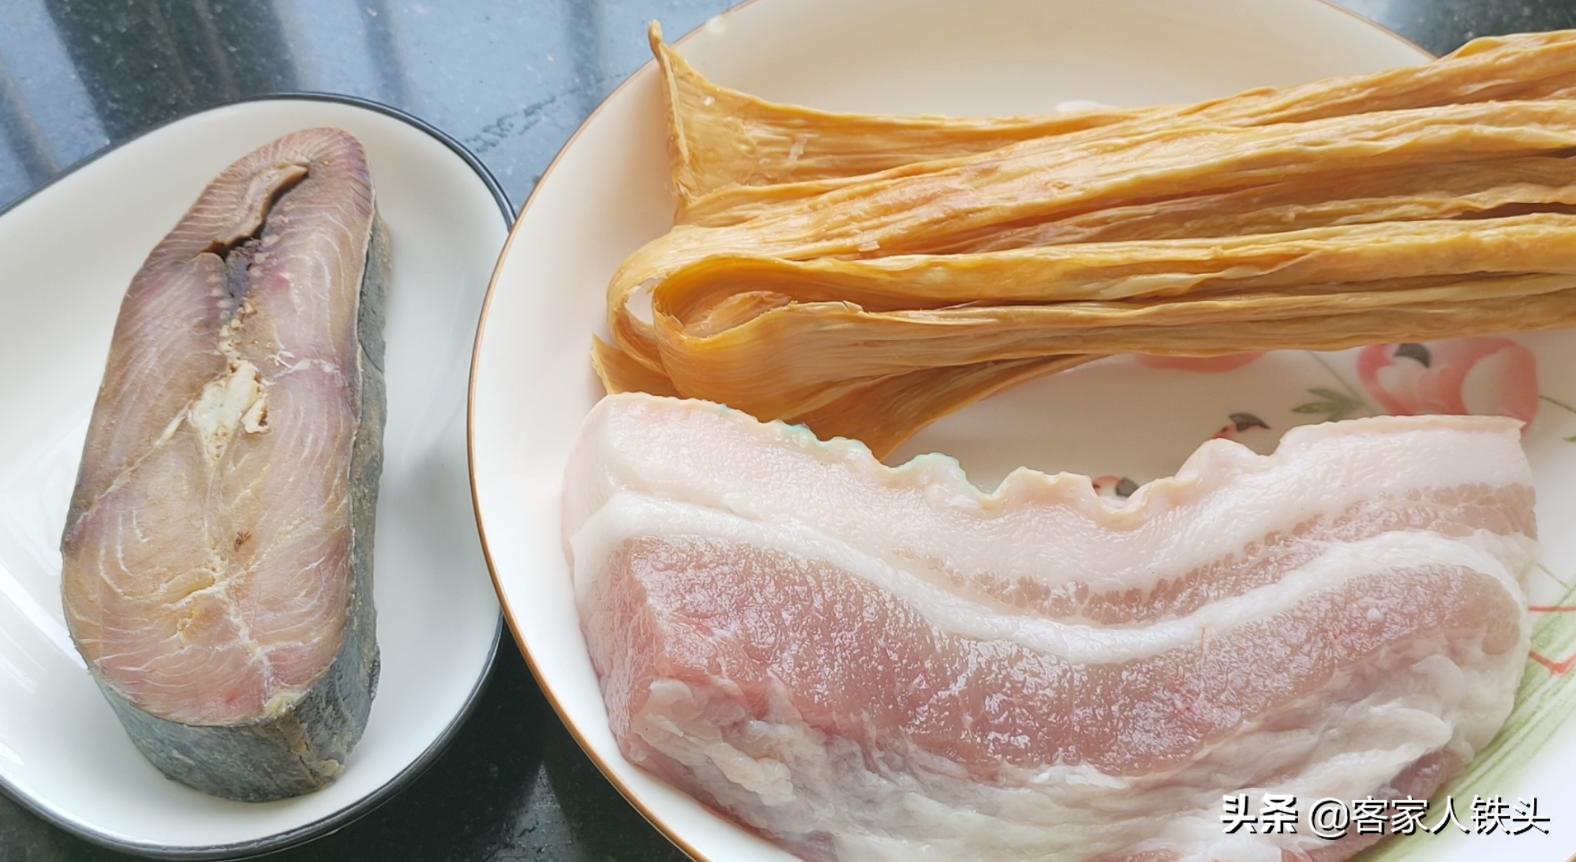 廣式蒸腩肉,加1塊馬鮫鹹魚,鹹香入味,味道獨特又好吃,真下飯